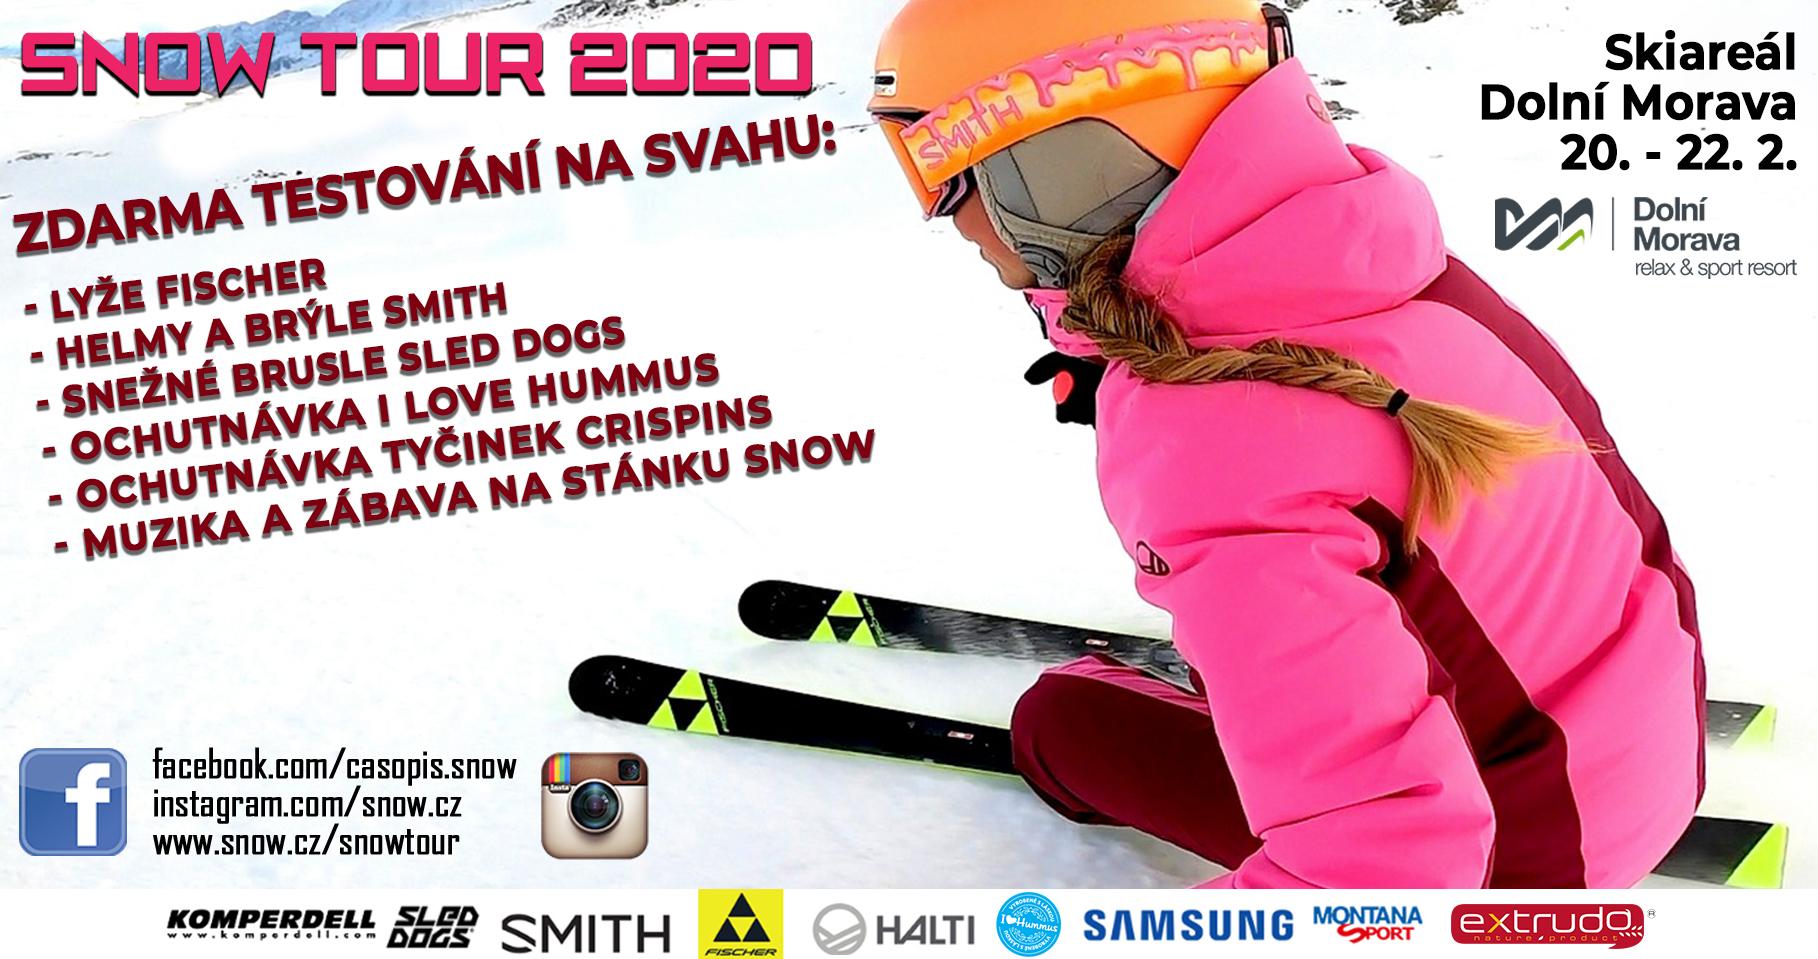 Snow Tour 2020 Dolní Morava